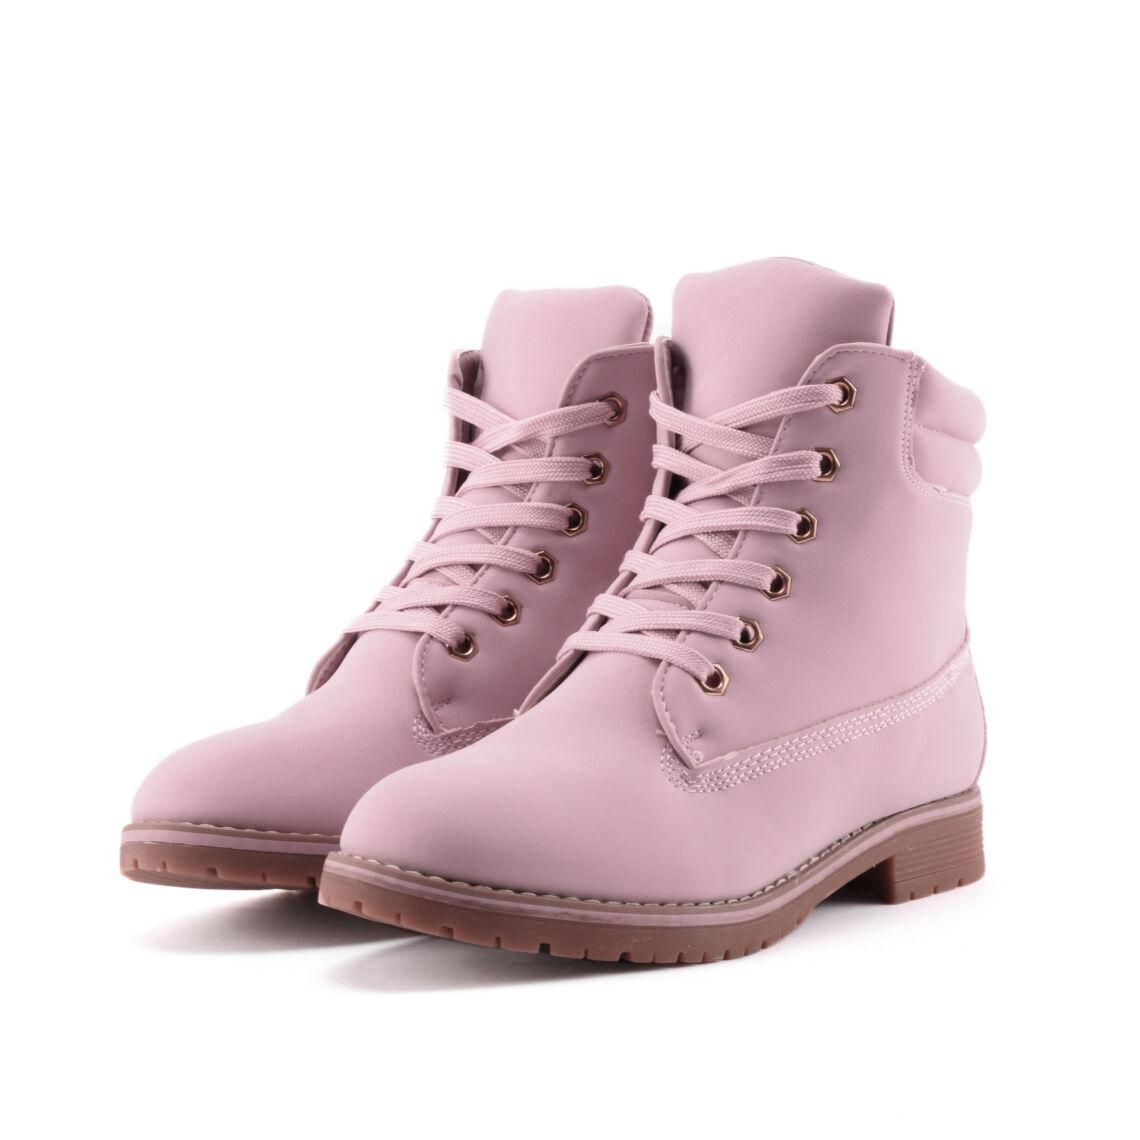 15f82c6234 Rózsaszín Női Bélelt Műbőr Bakancs - BAKANCSOK - Női cipő webáruház ...